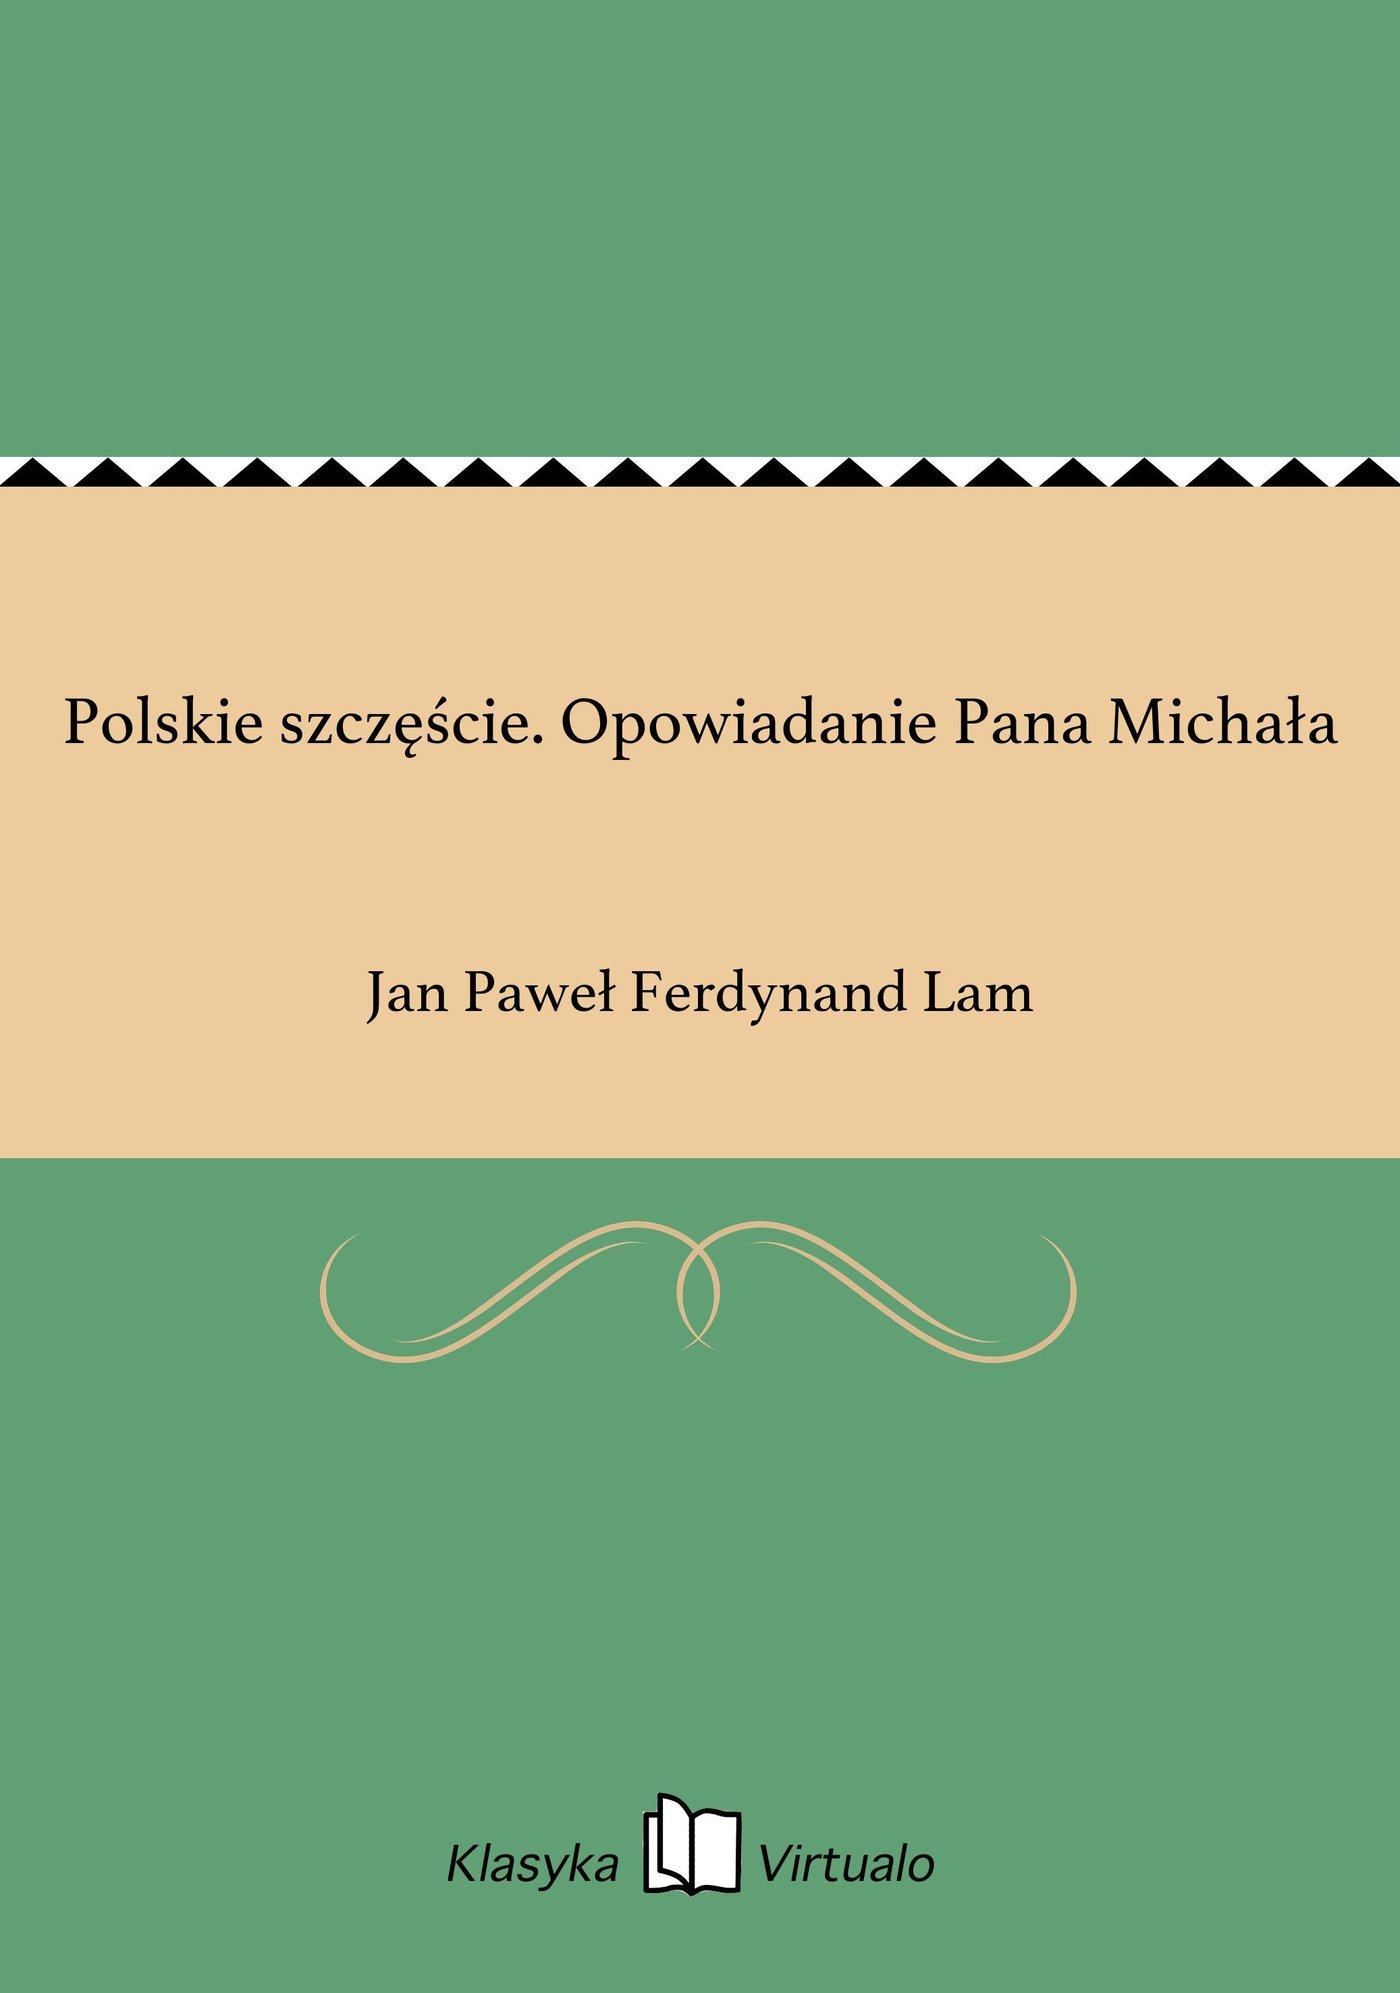 Polskie szczęście. Opowiadanie Pana Michała - Ebook (Książka EPUB) do pobrania w formacie EPUB